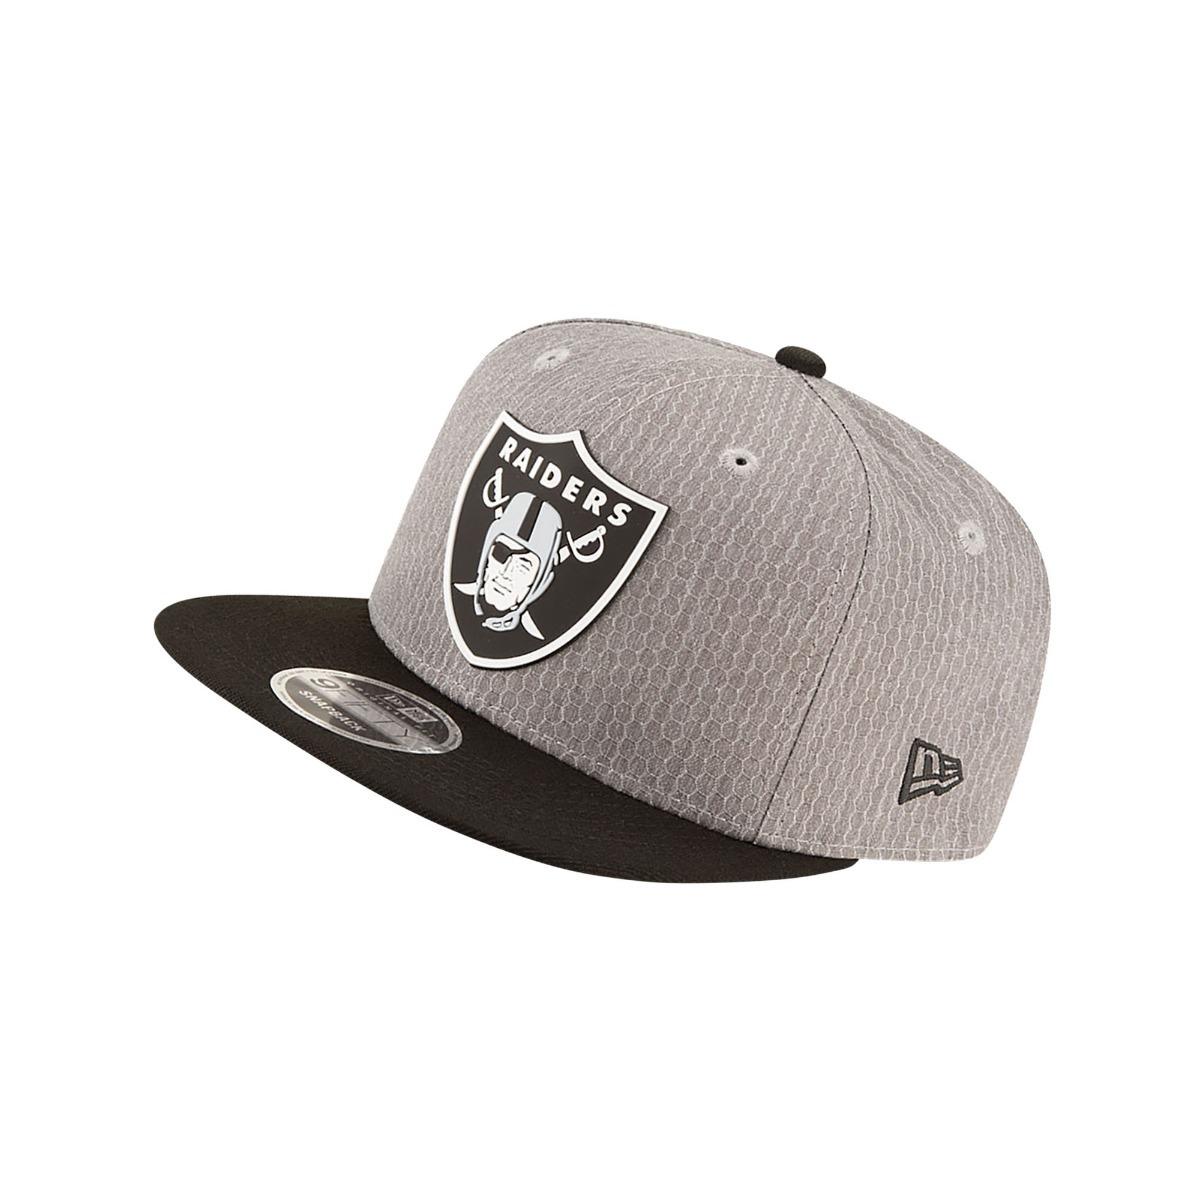 e8bfdeb45817d Gorra New Era Nfl 9fifty Oakland Raiders México Game Team -   729.00 en  Mercado Libre